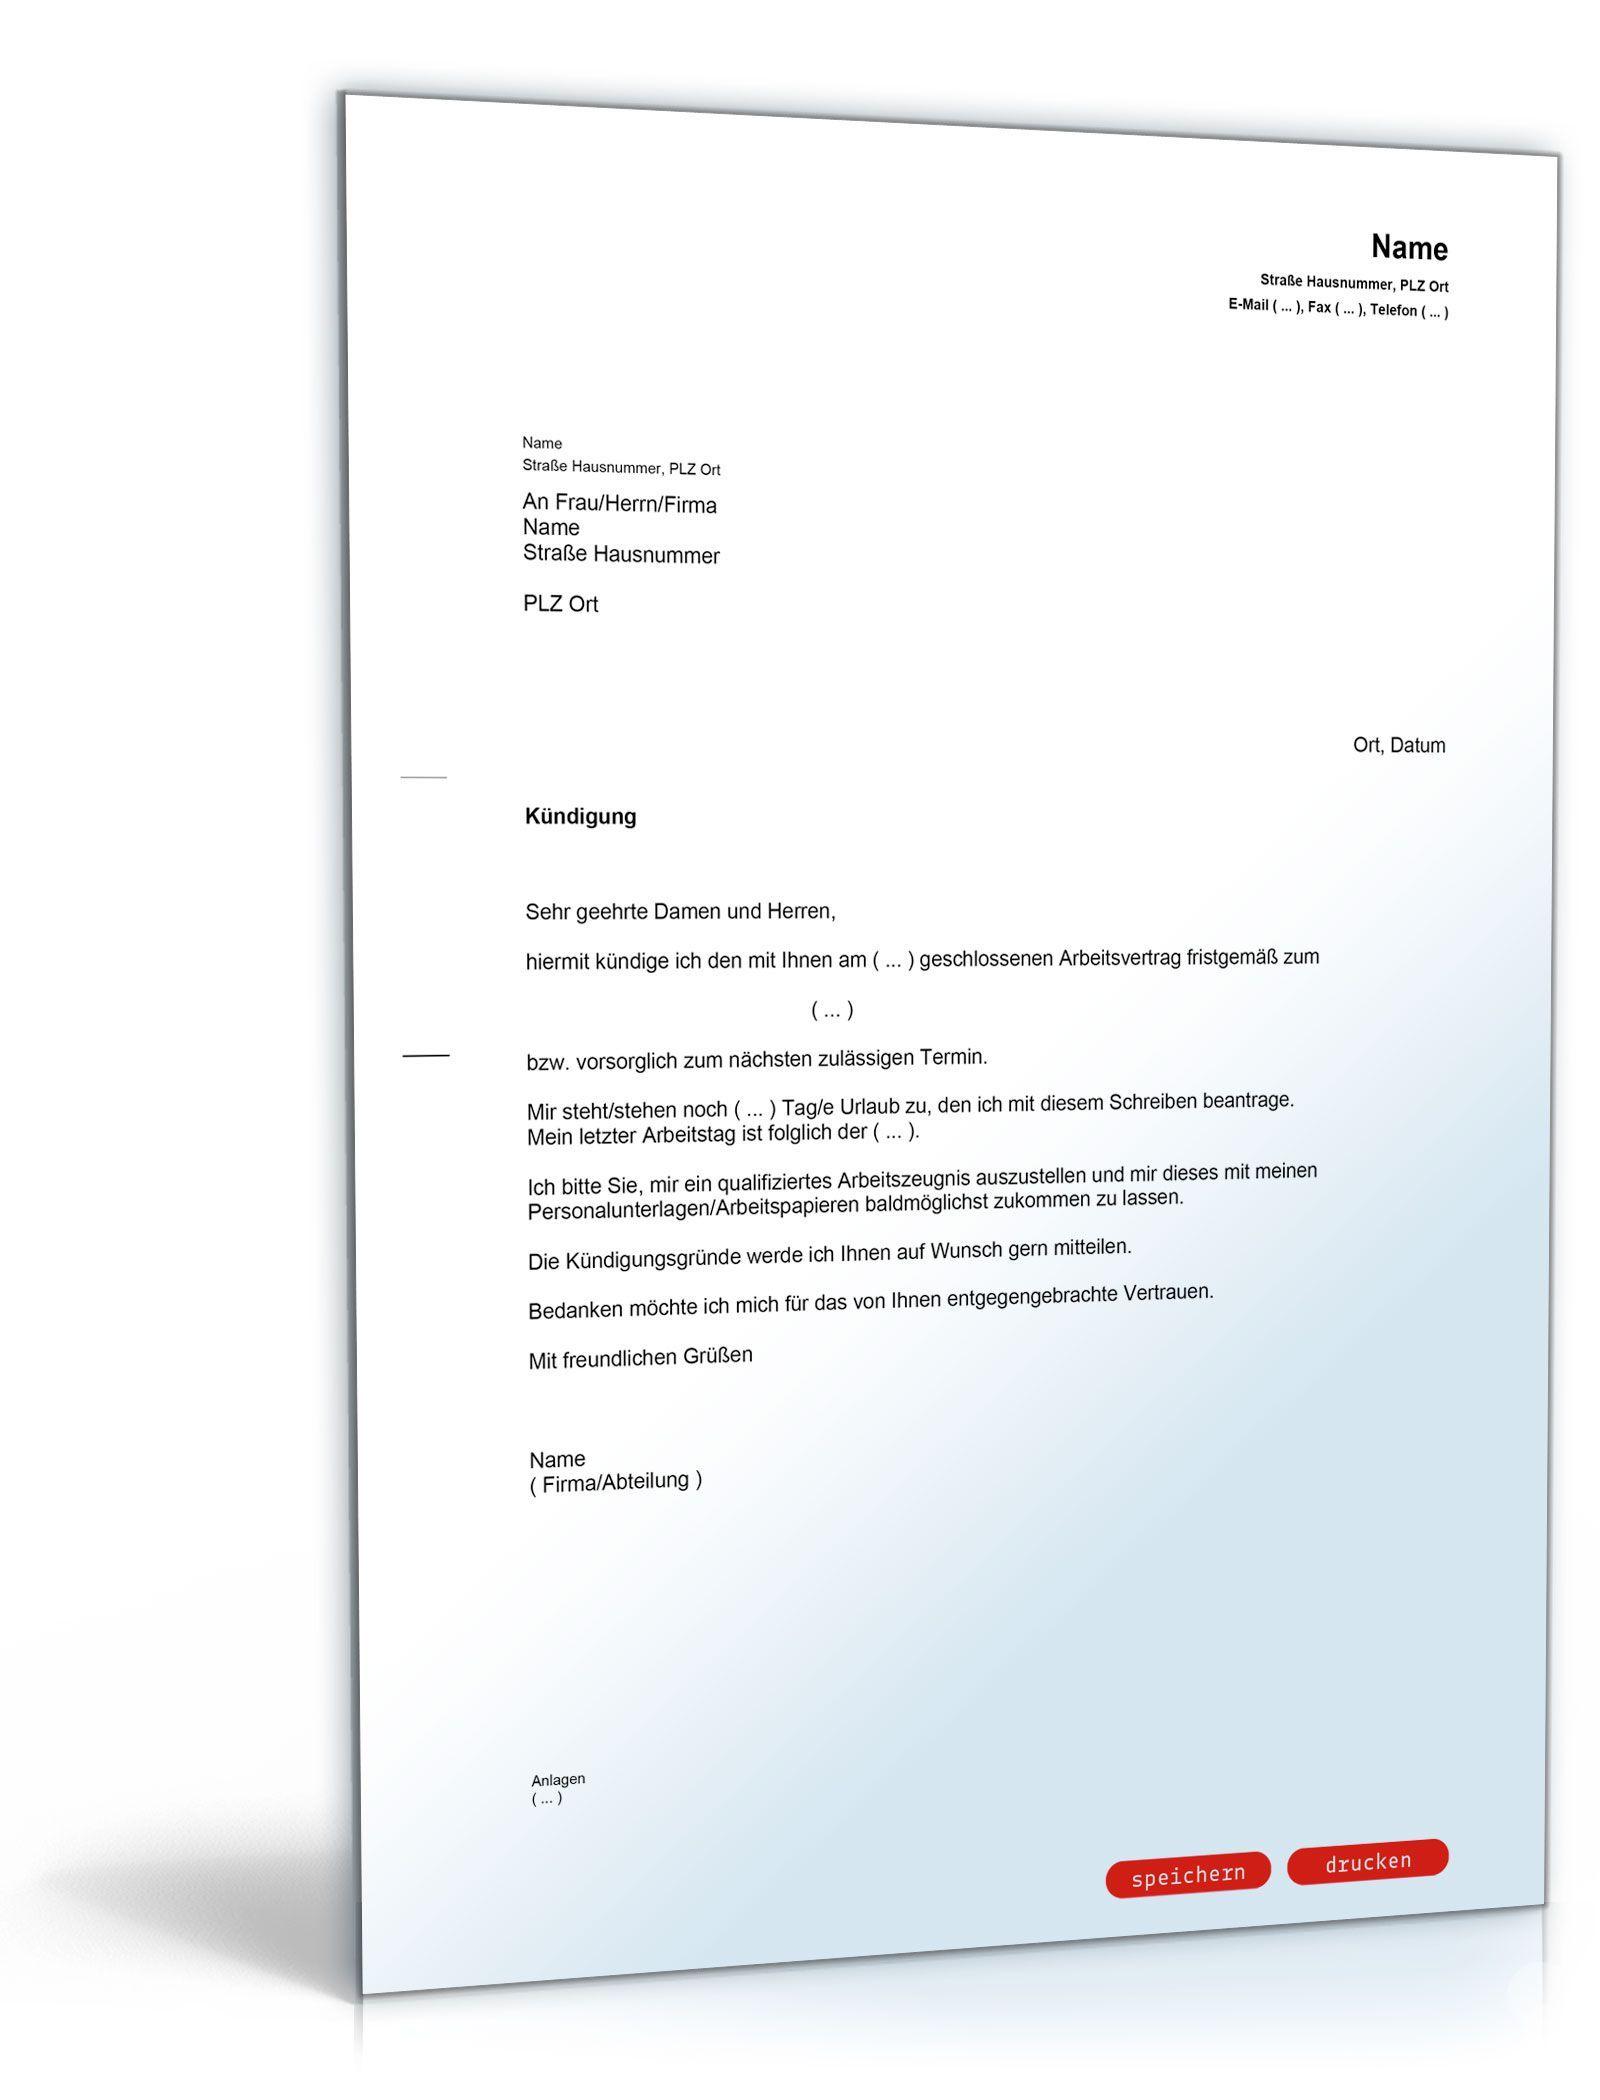 kndigung arbeitgeber vorlage pdf. abmeldung fuballverein vorlage pdf ...